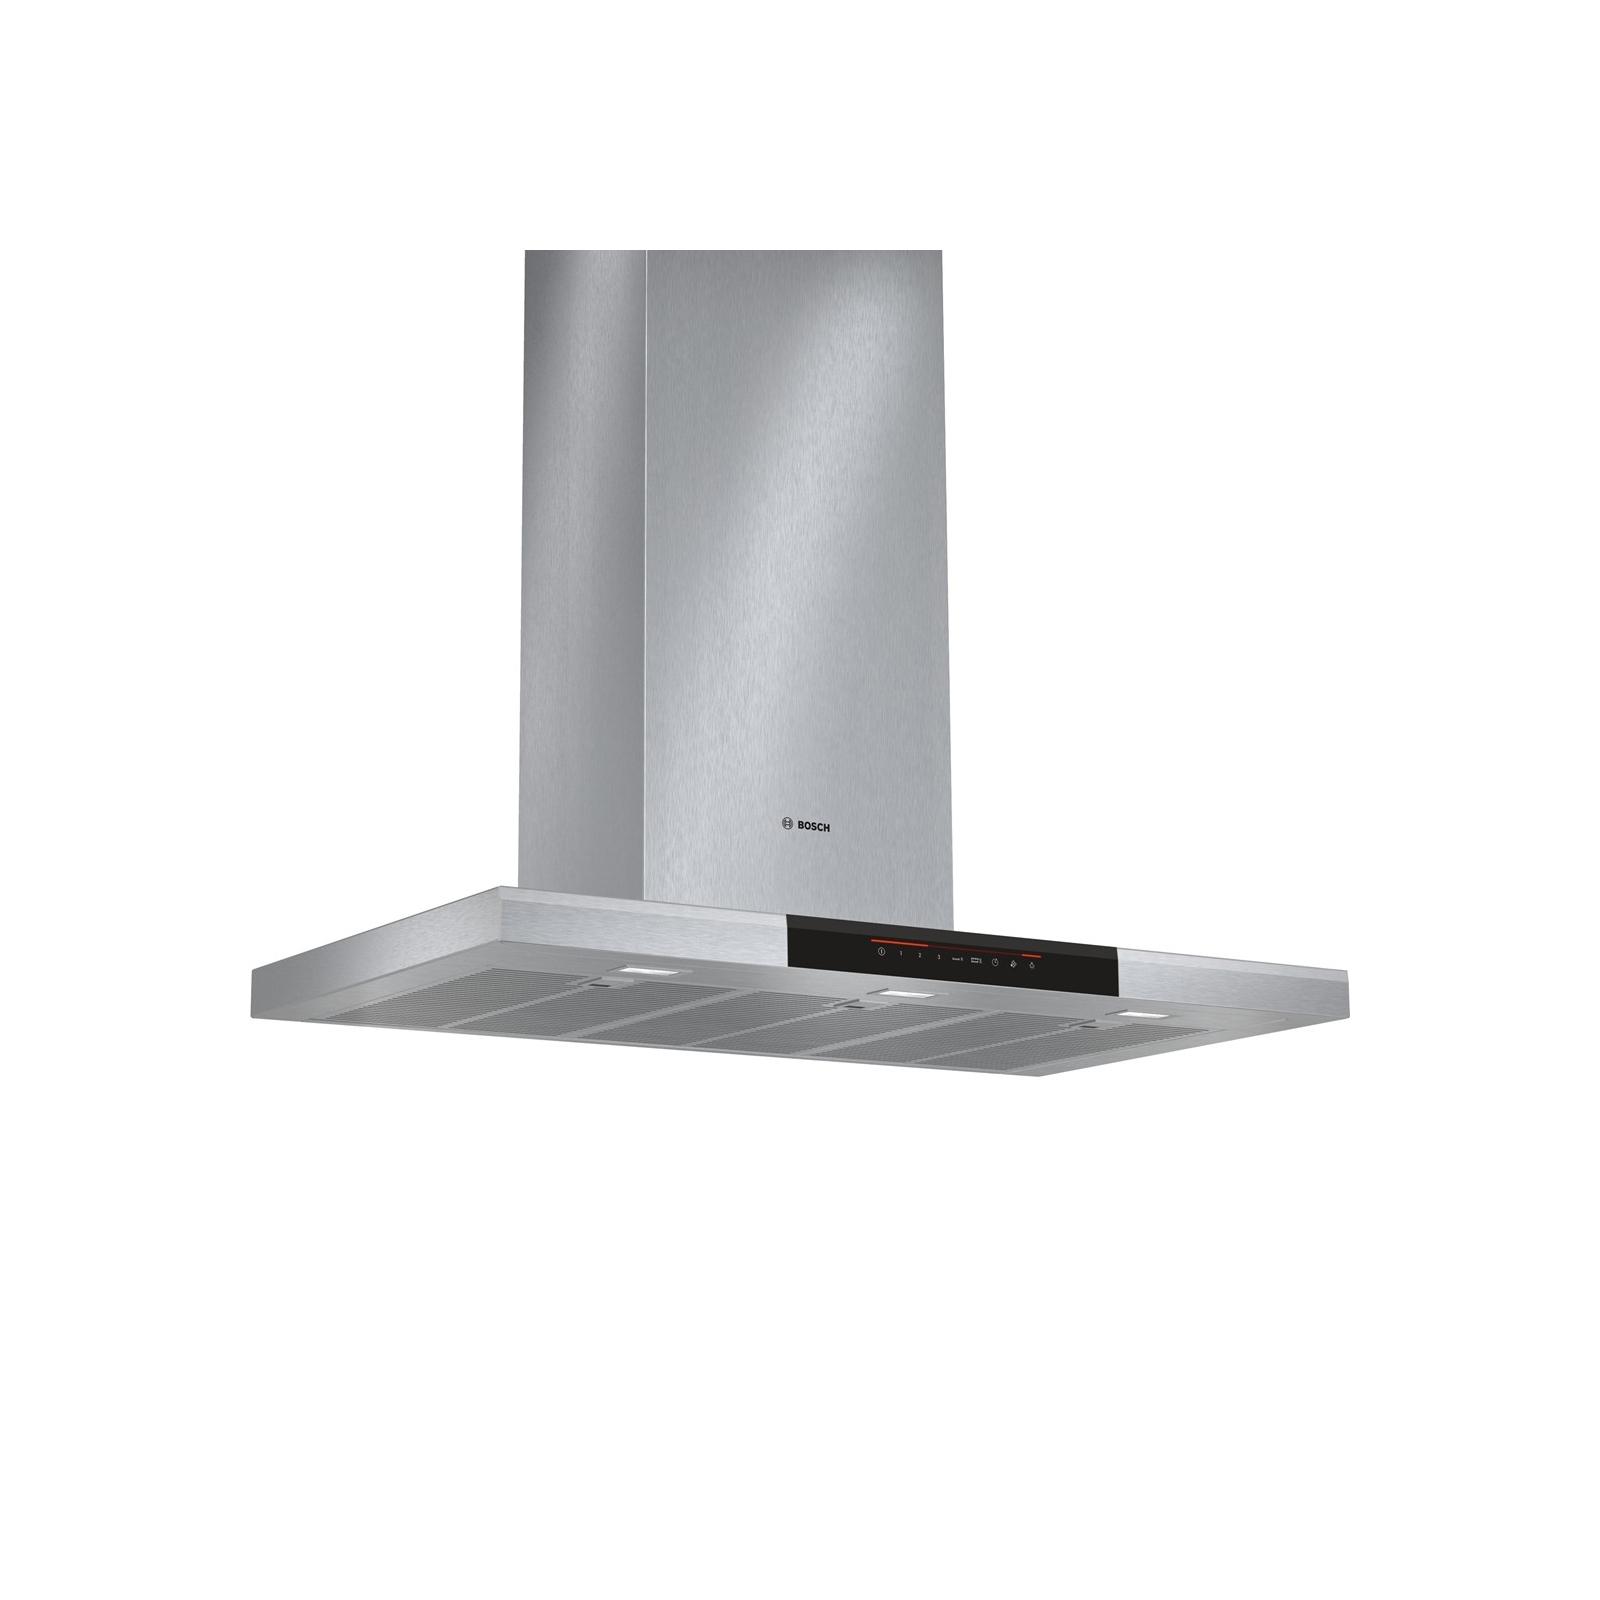 Вытяжка кухонная BOSCH DWB 098 J50 (DWB098J50)